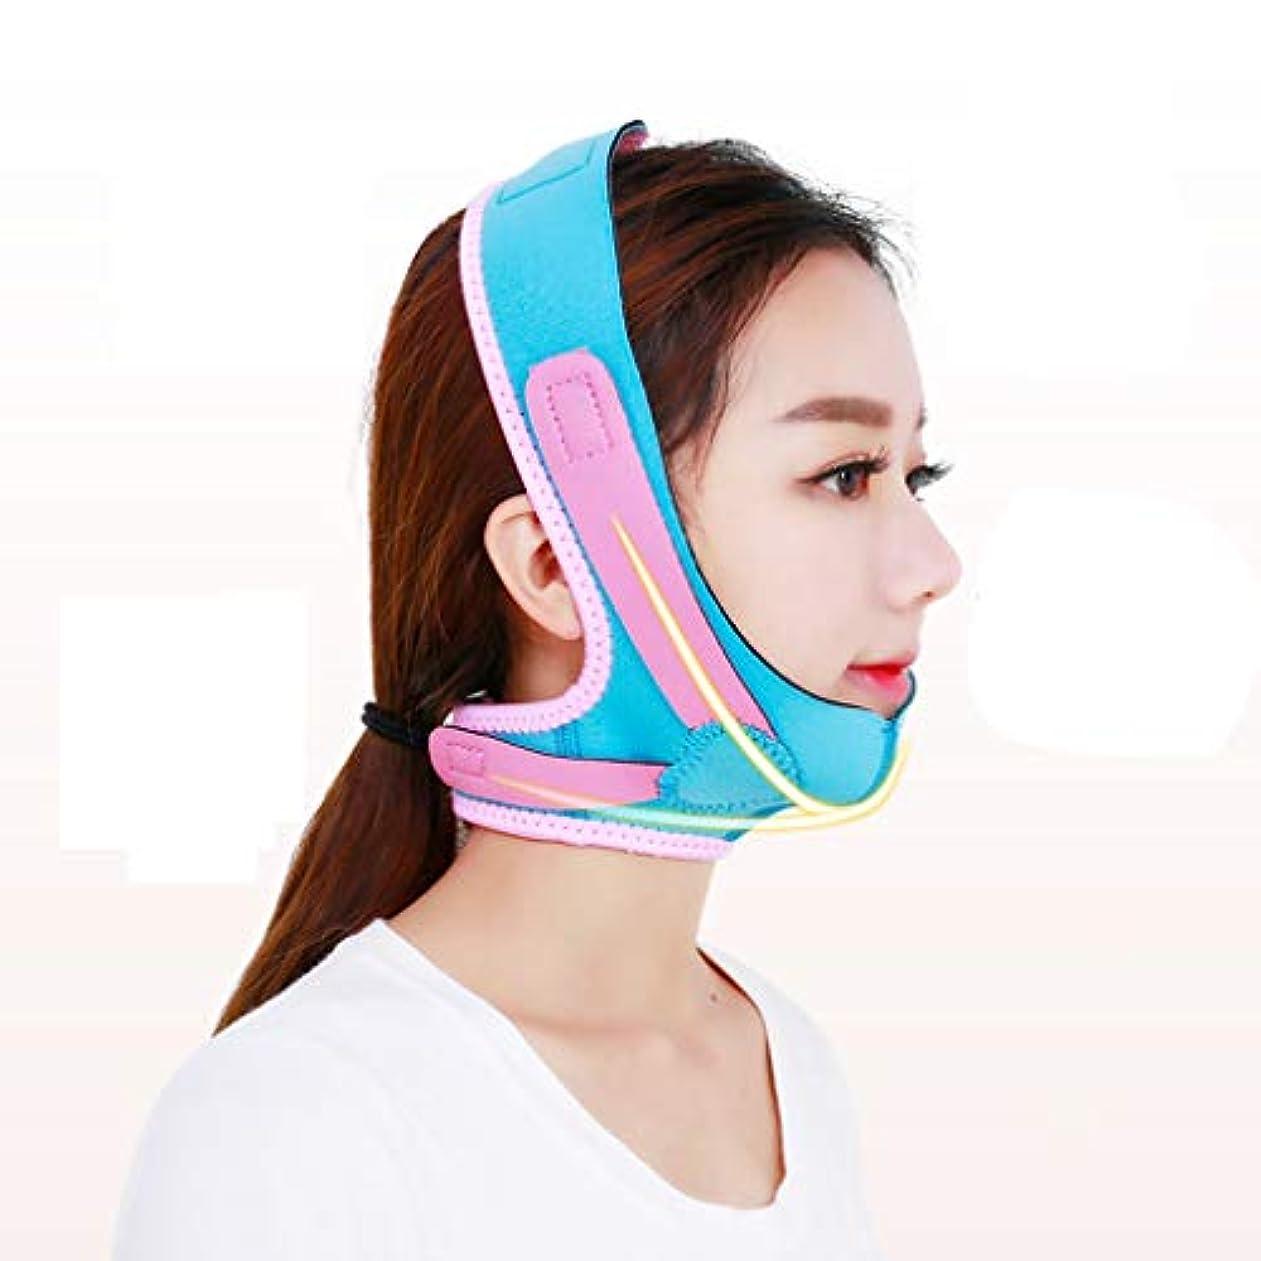 枯渇する六分儀静脈顔の重量の損失の顔の計器の包帯小さな顔のステッカーの女性の睡眠の顎セット